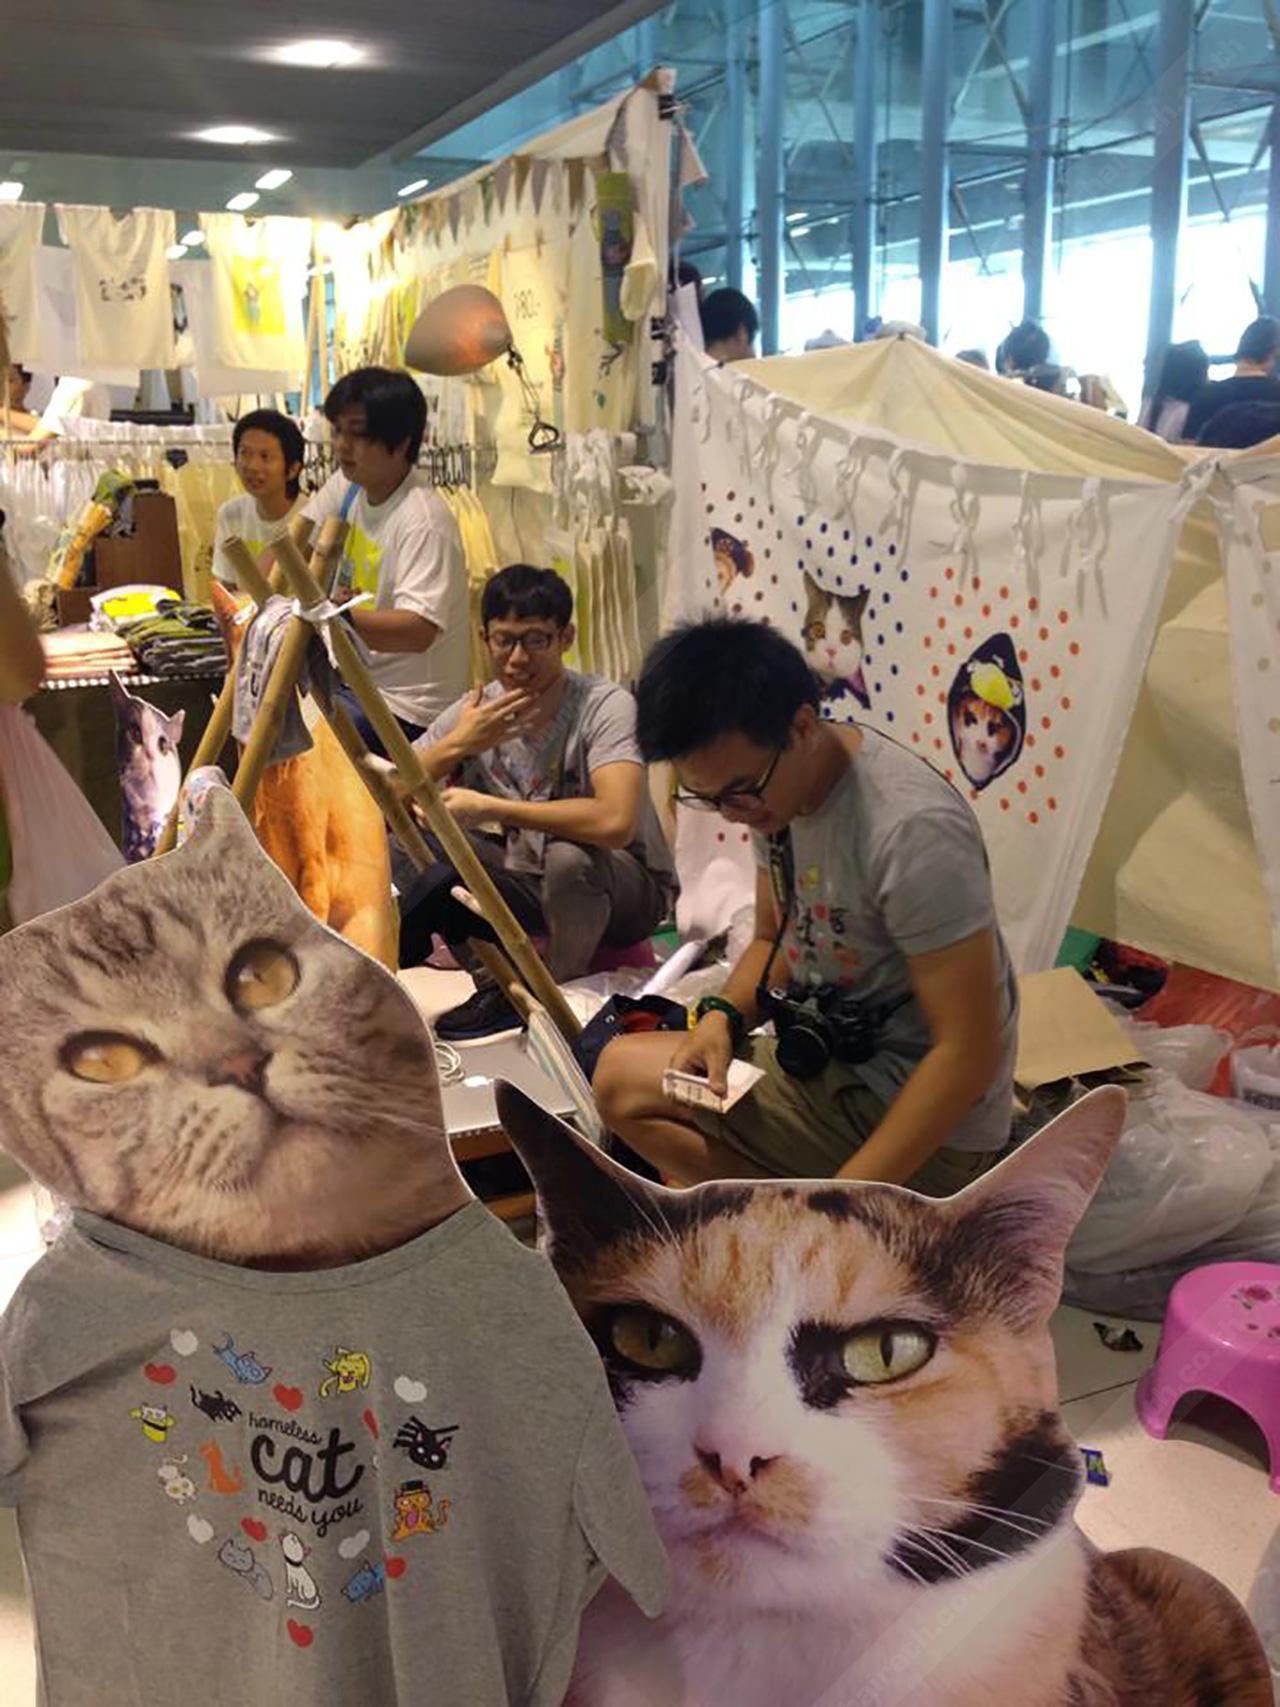 ซื้อเสื้อยืดรายได้สมทบทุนช่วยแมวนะเมี้ยวววว